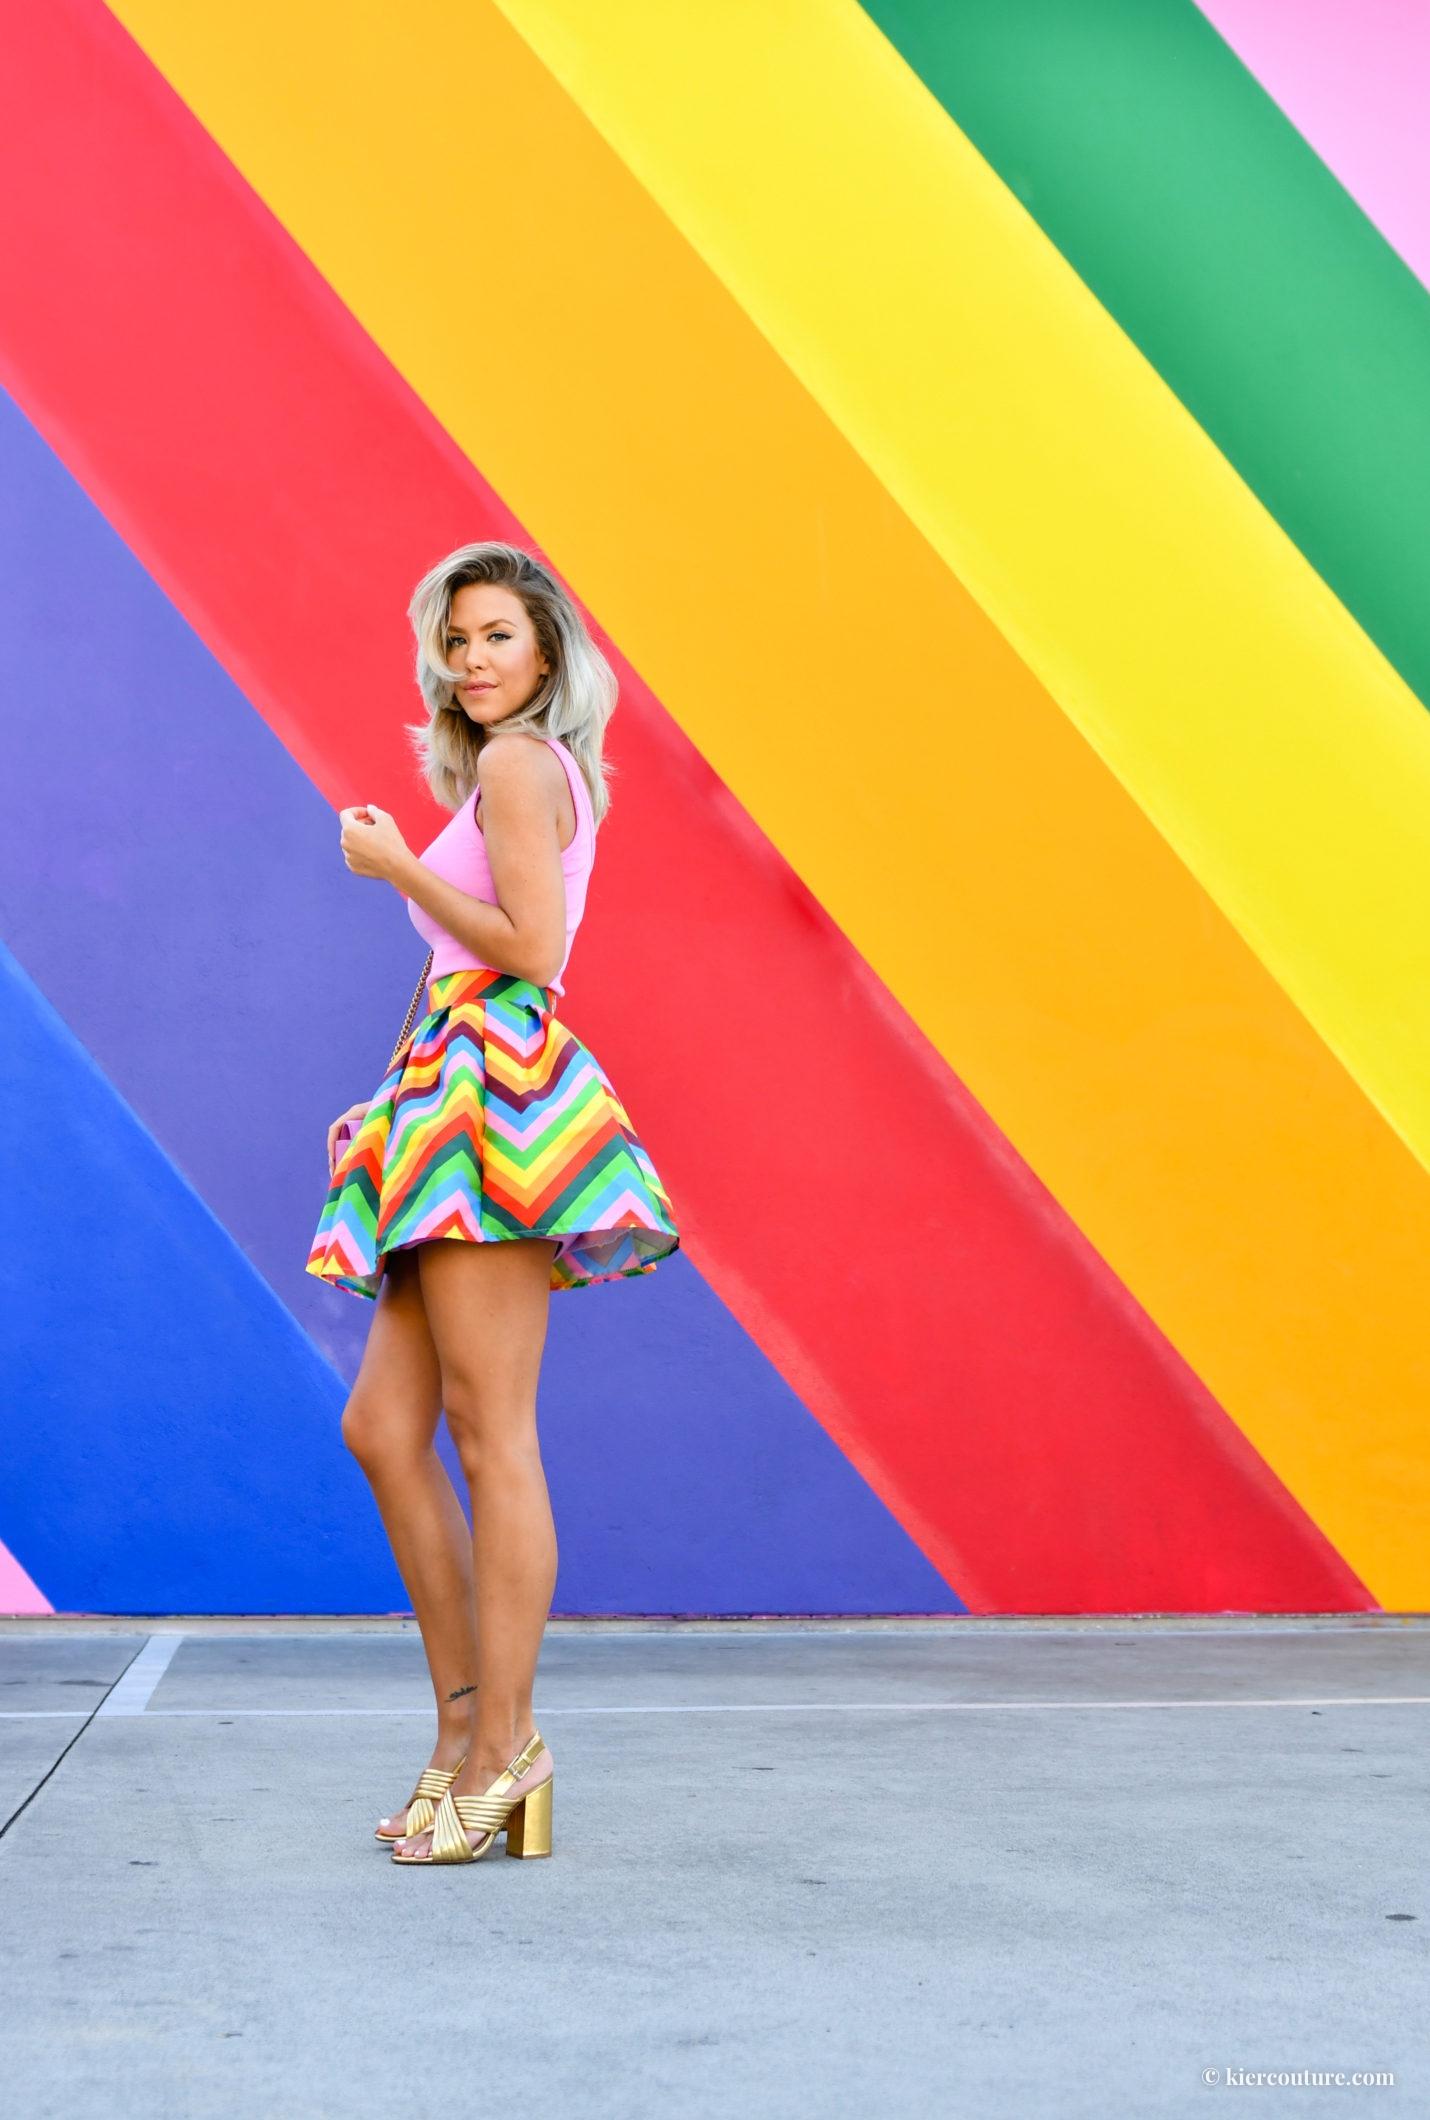 Kier Couture South Florida blogger